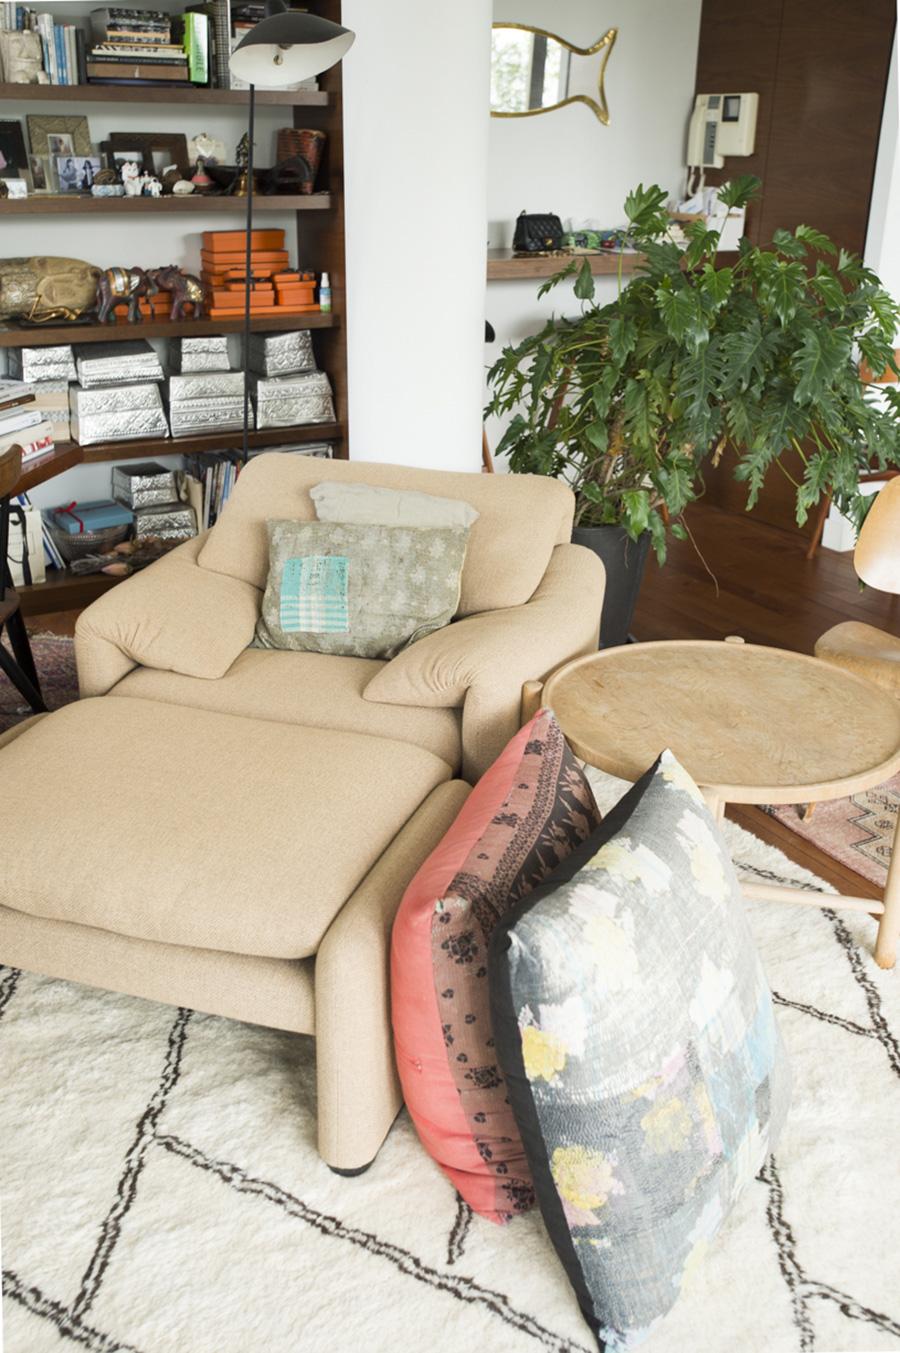 ソファーは色や素材にこだわり、カッシーナに発注したマラルンガ。エスニックなクッションとも調和している。